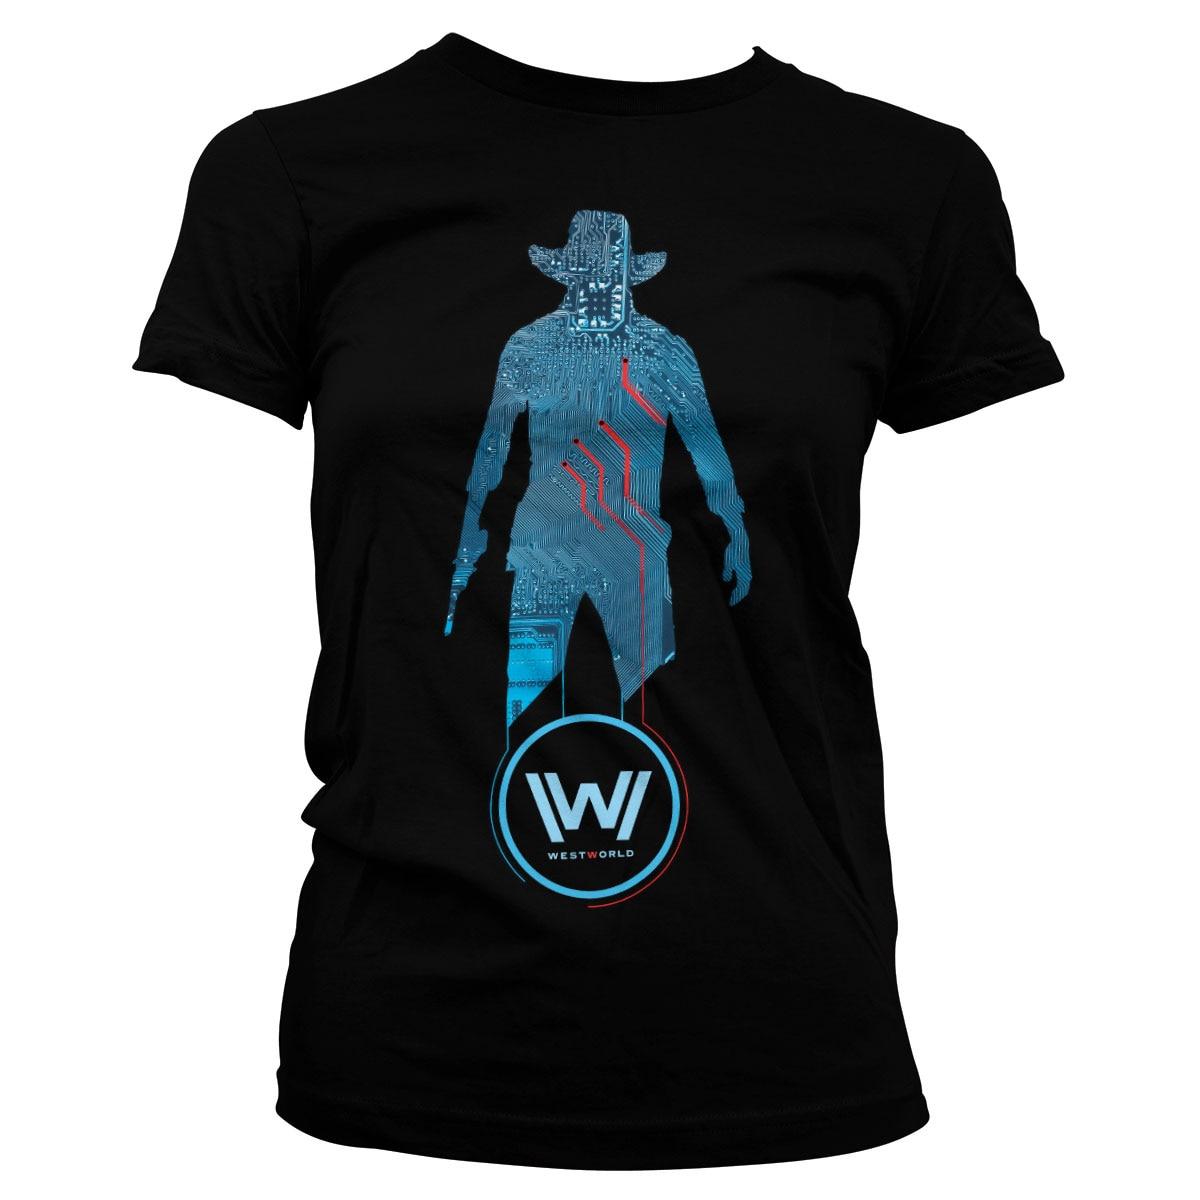 WB-5-WESTW004-BK